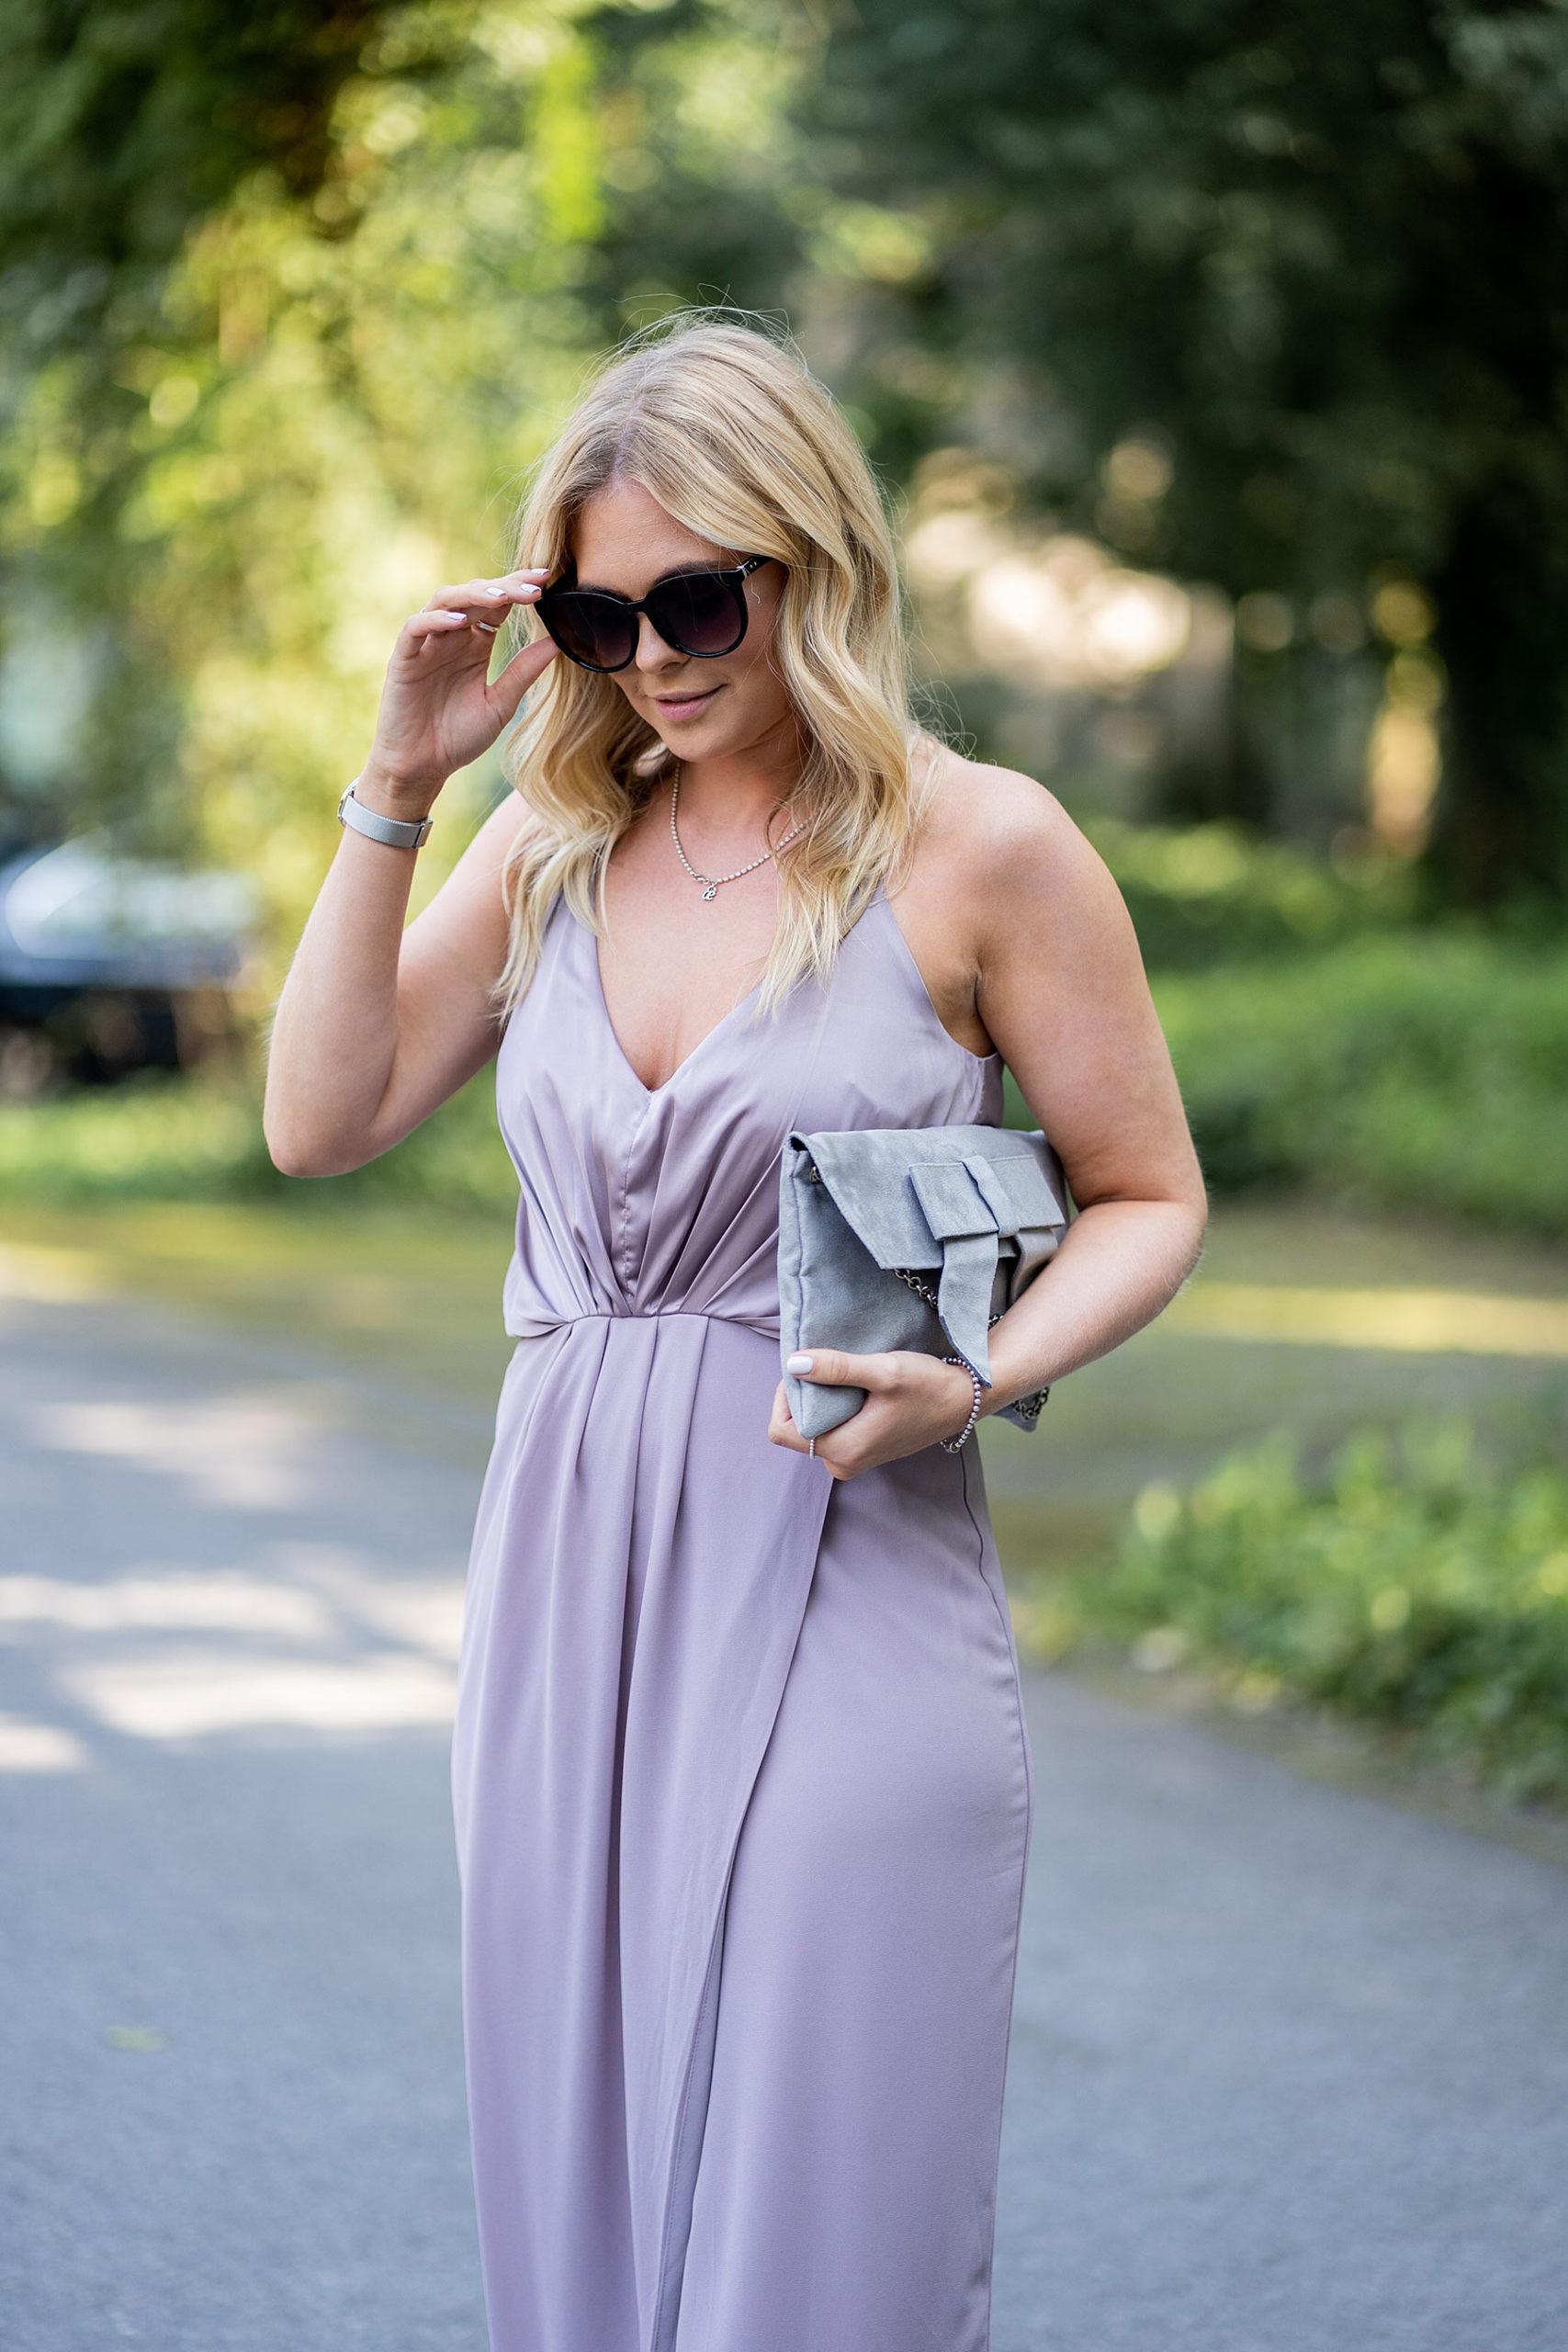 lila kleid outfit hochzeitsgast frau fashion blog sunnyinga